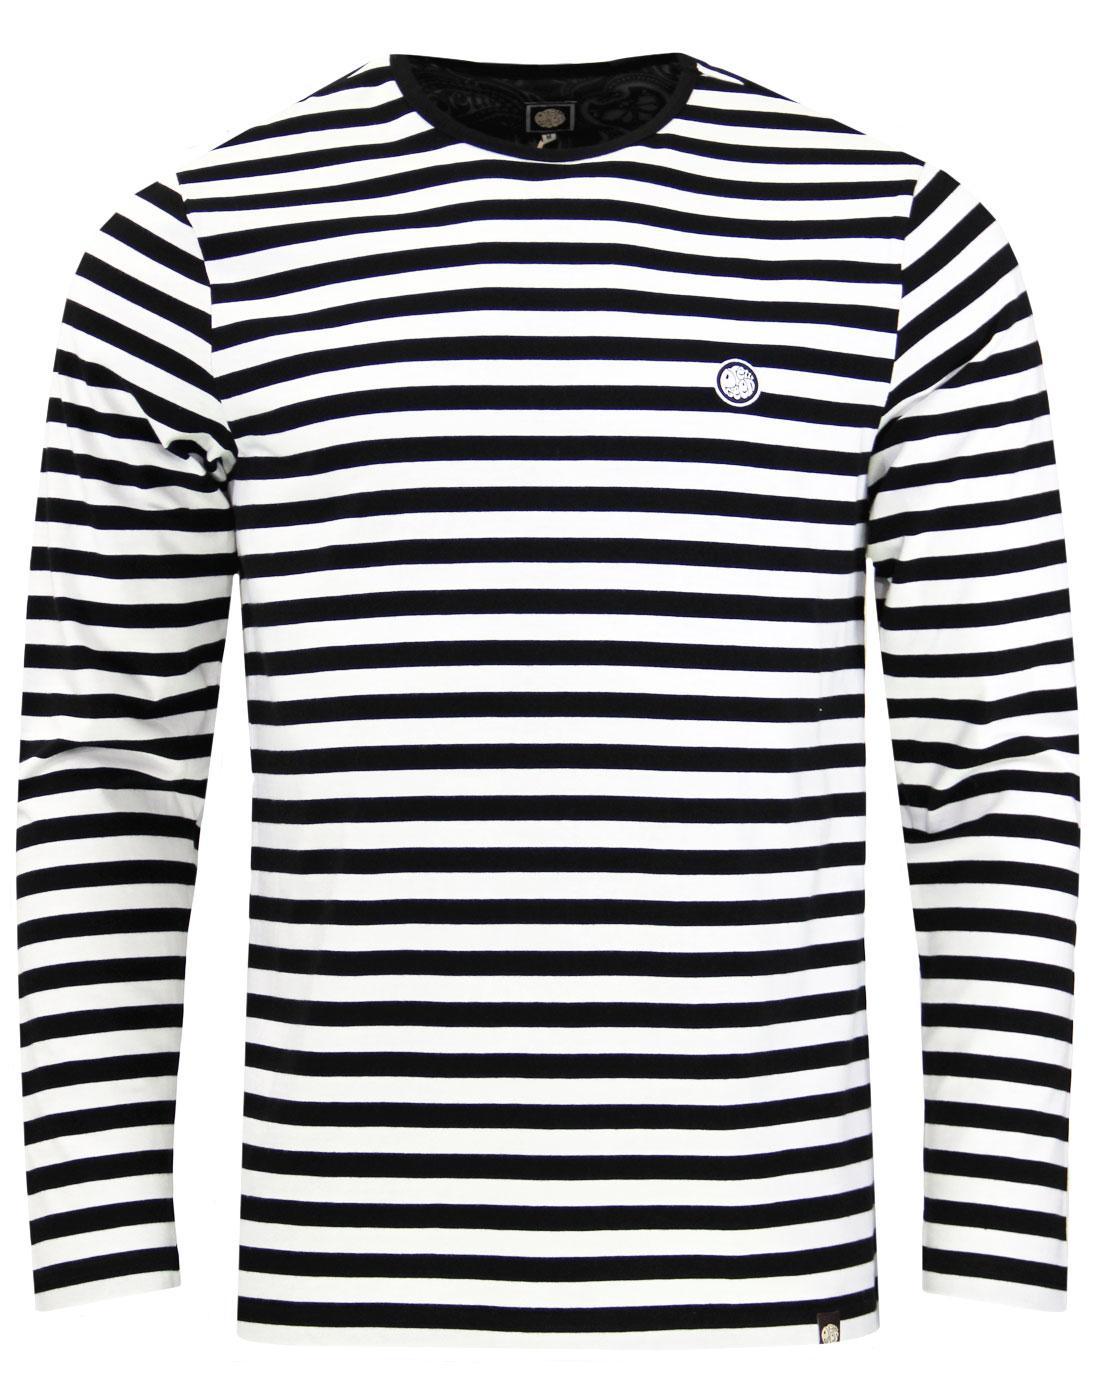 613a1153842 Kinsey PRETTY GREEN 60s Mod Long Sleeve Stripe Tee